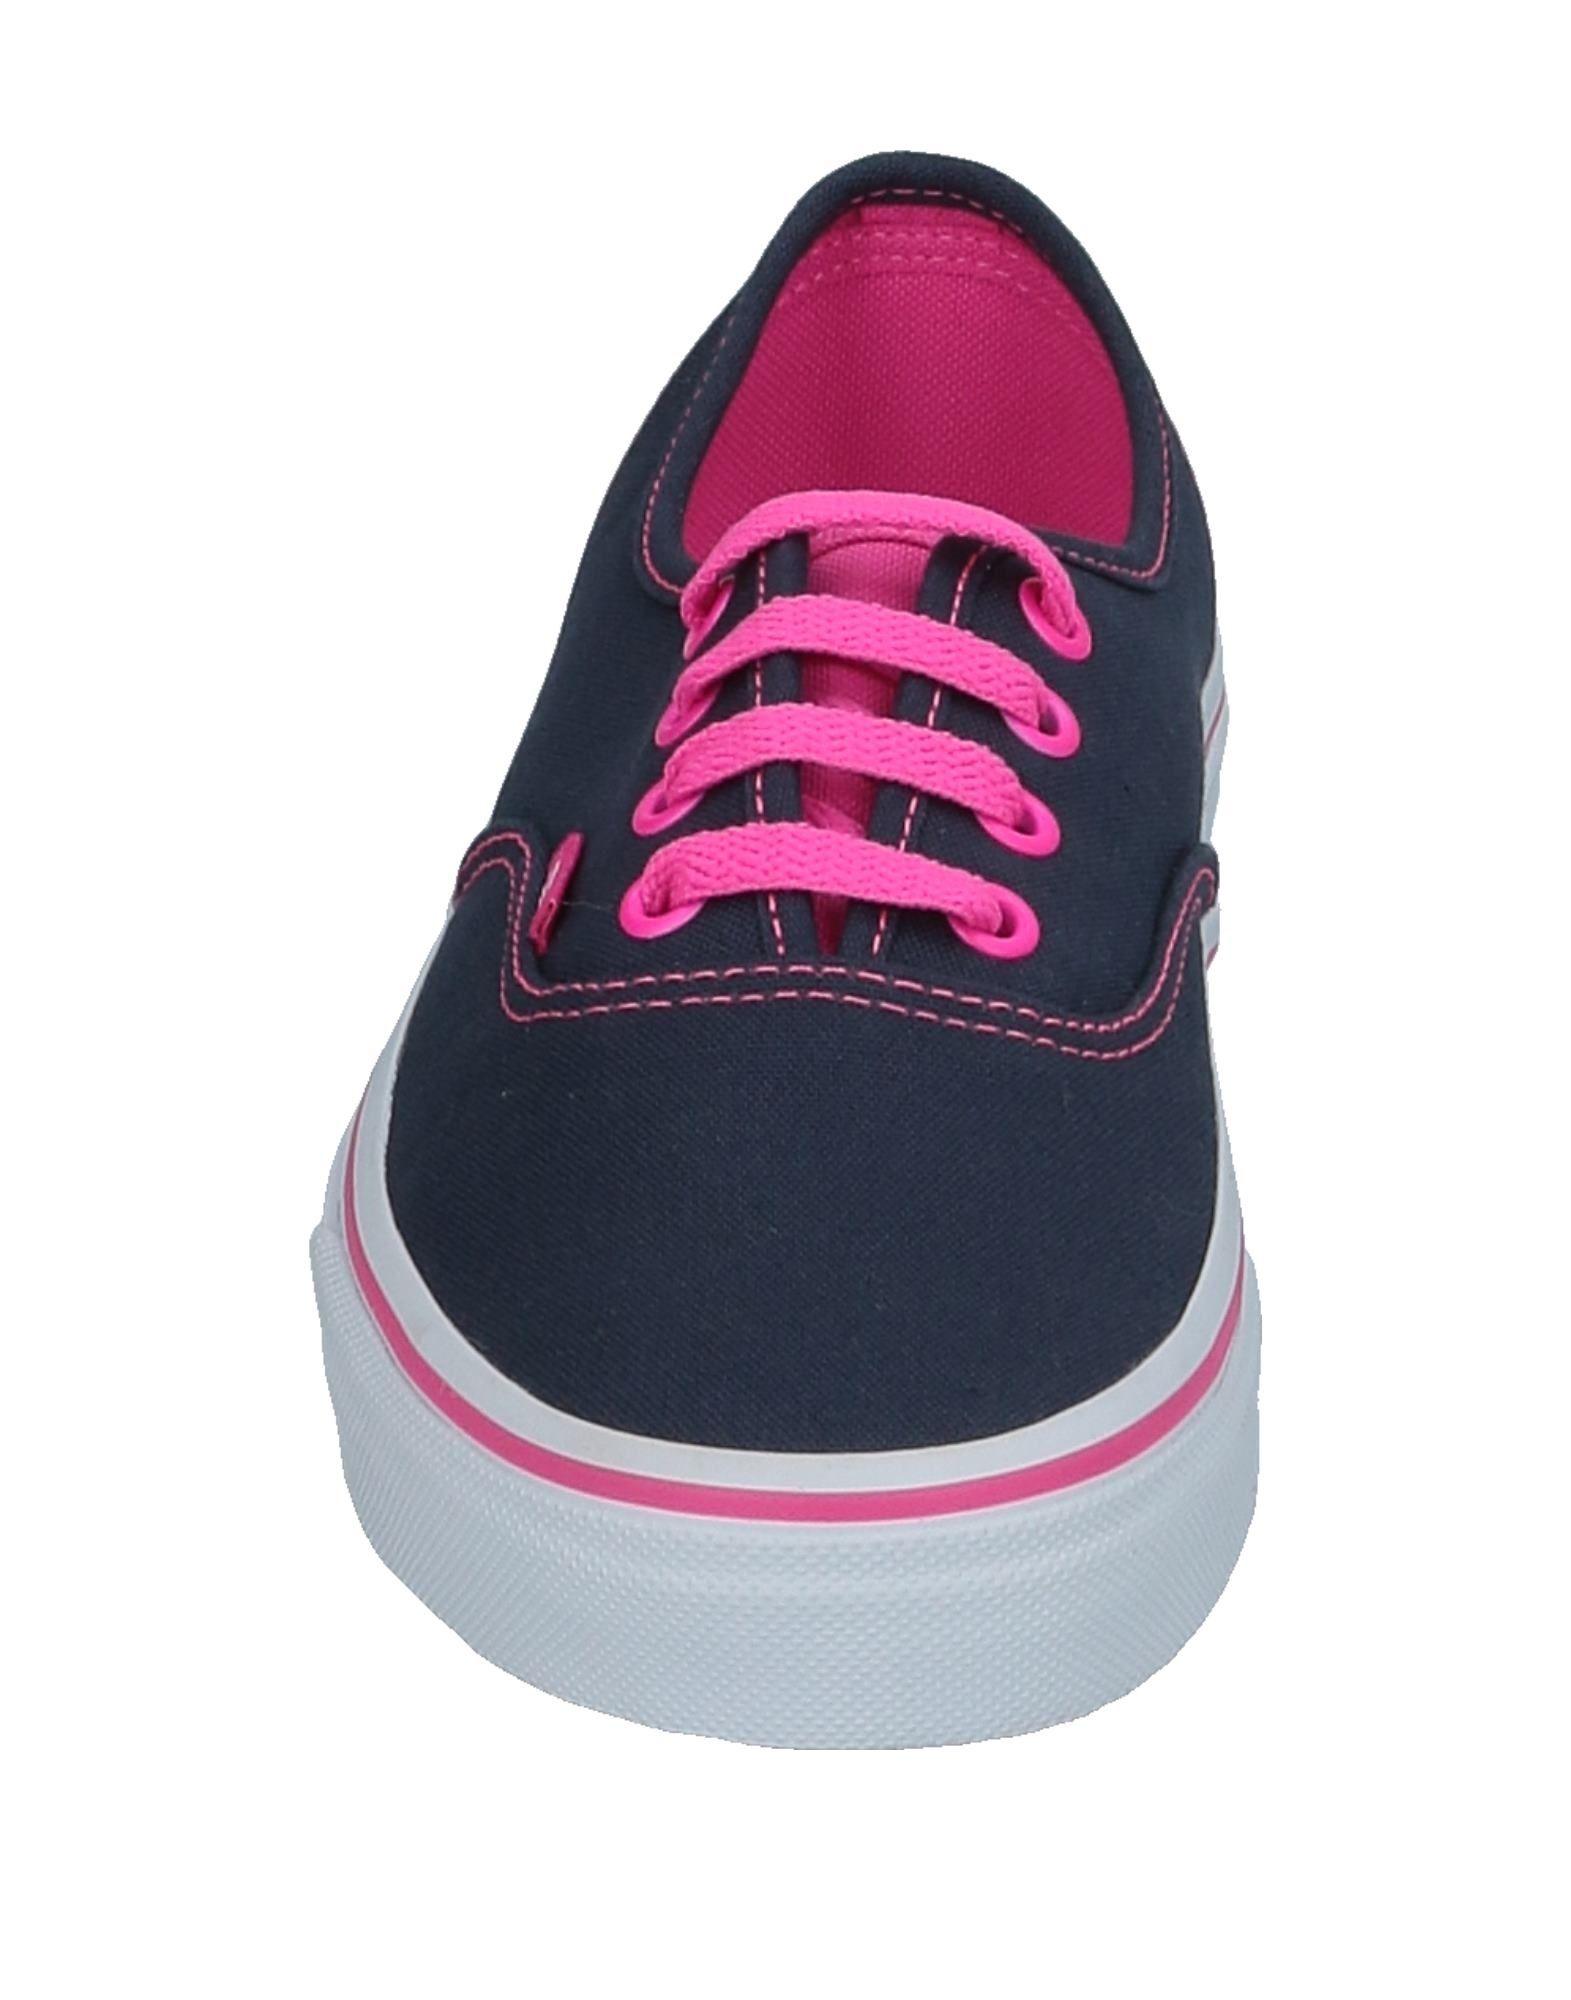 Vans Sneakers es Damen Gutes Preis-Leistungs-Verhältnis, es Sneakers lohnt sich e5d9f1